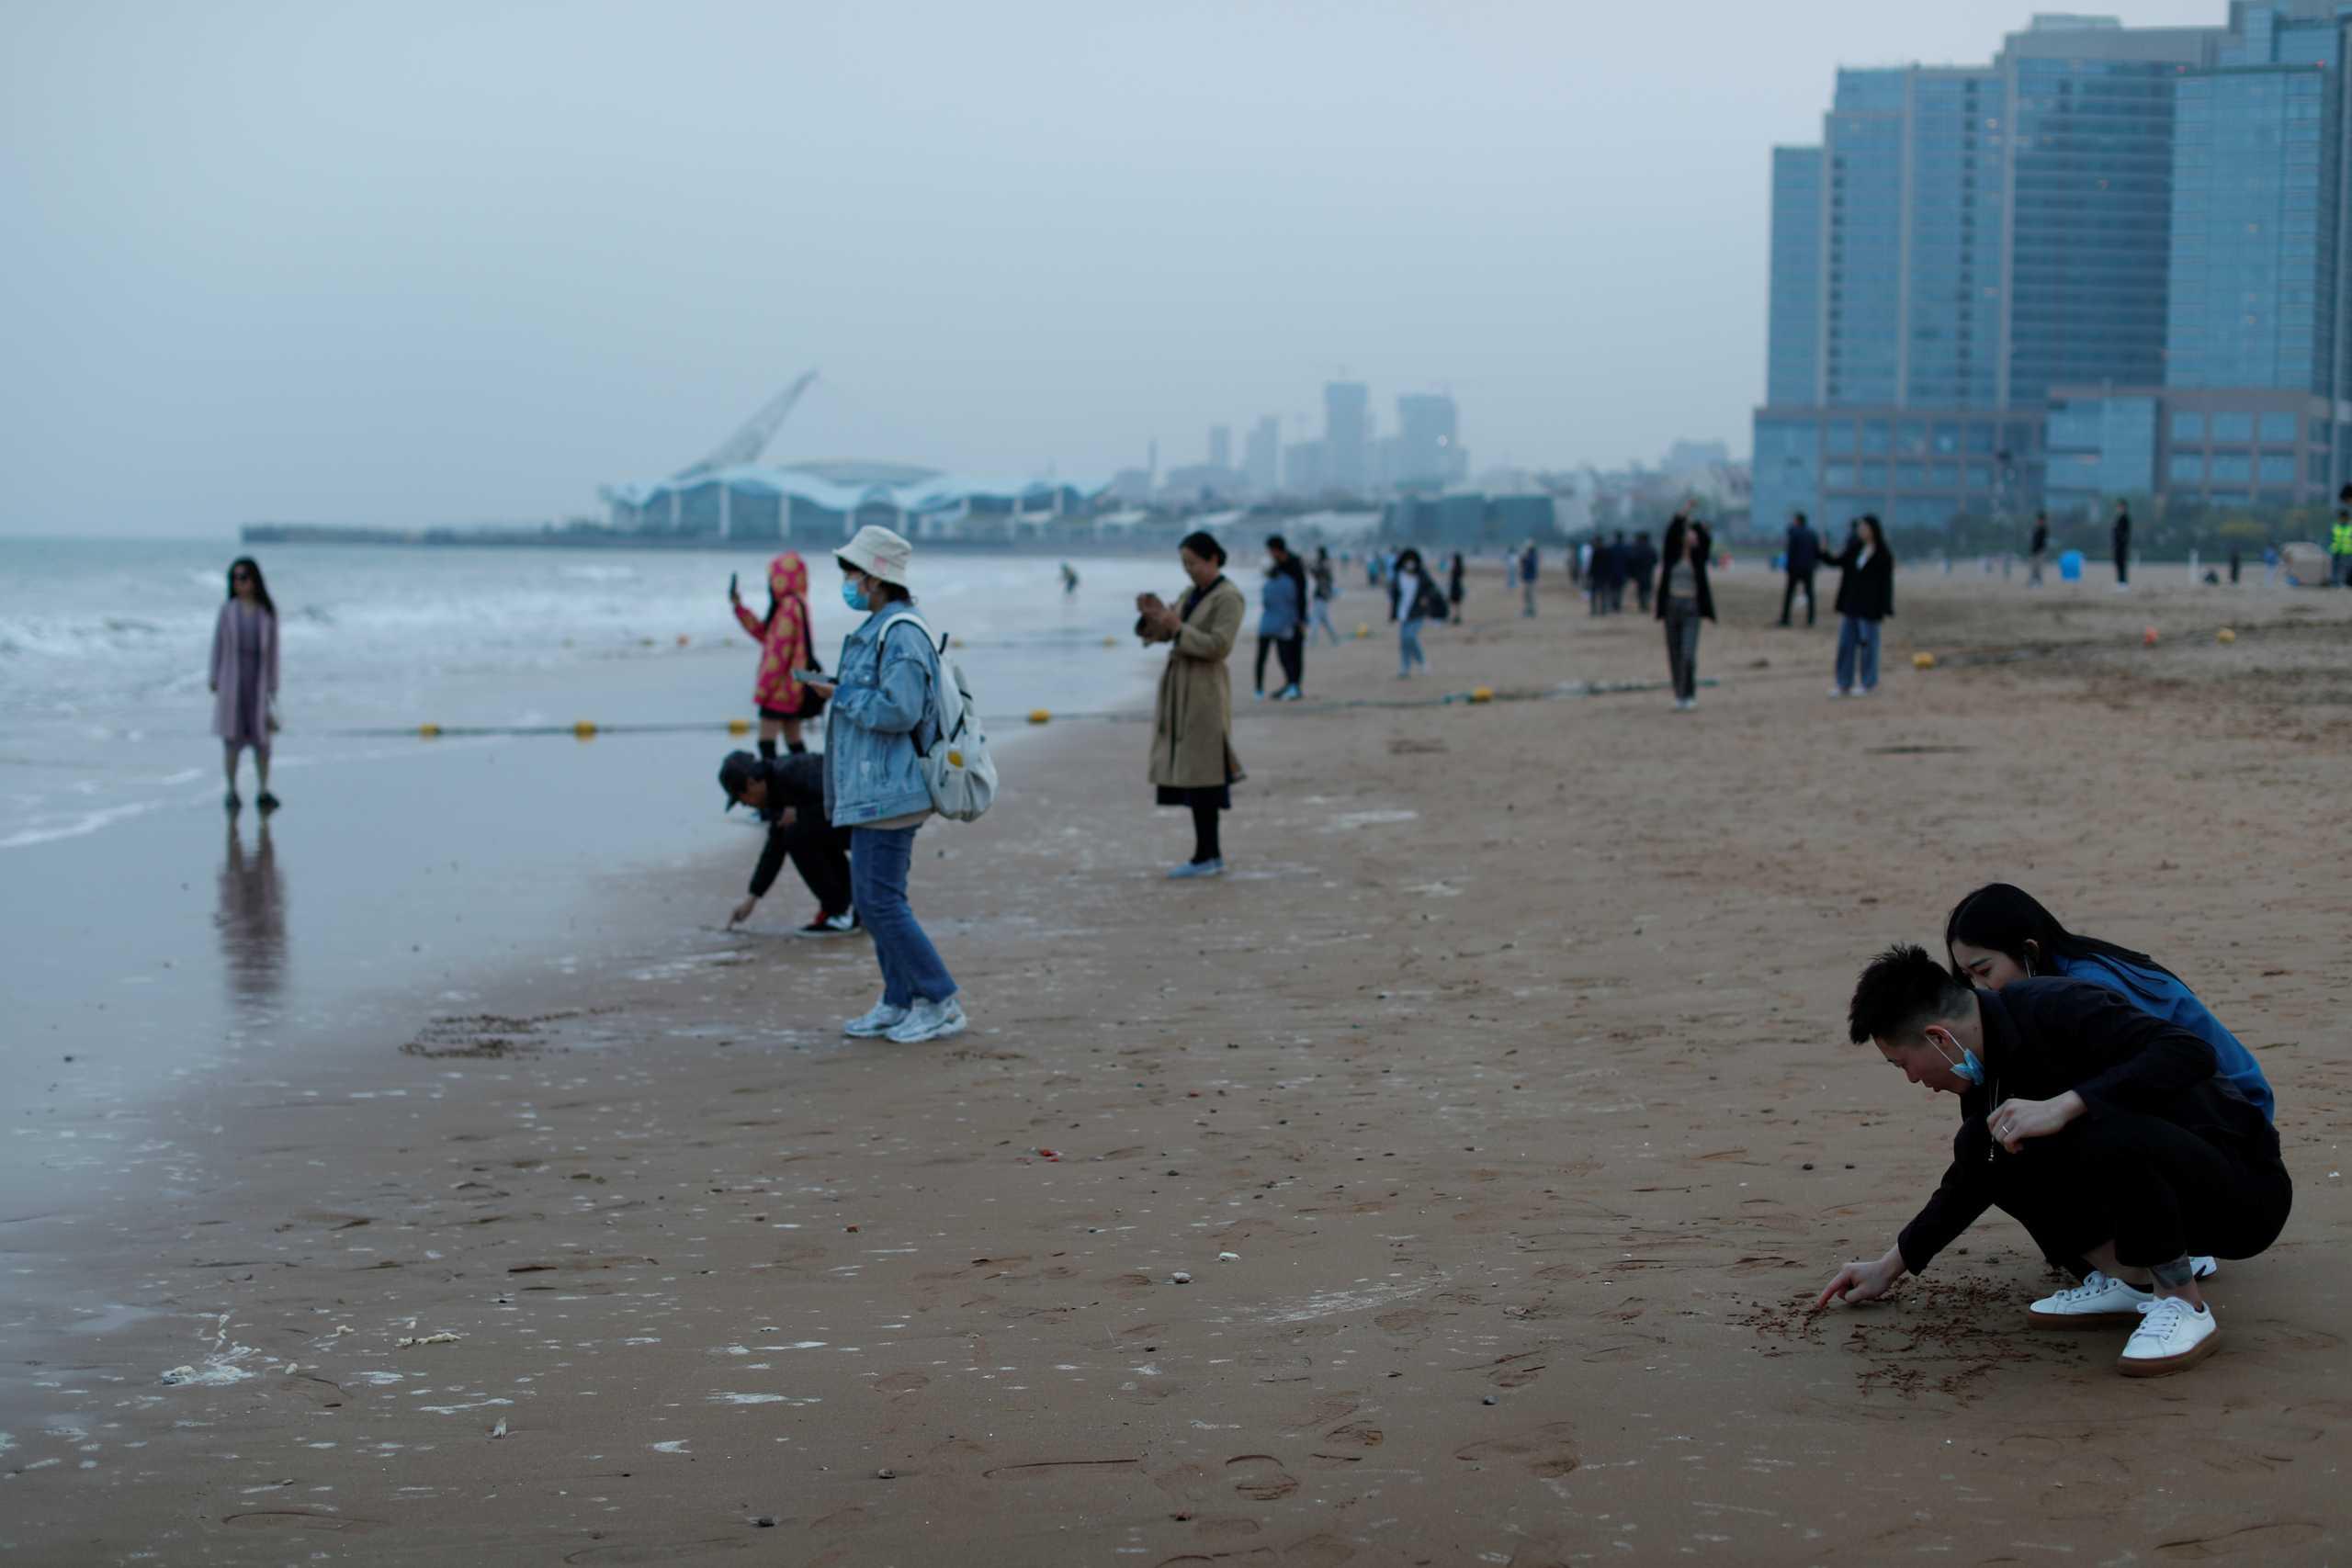 Οι Κινέζοι προσπαθούν με κάθε τρόπο να διαψεύσουν ότι μειώνεται ο πληθυσμός της χώρας